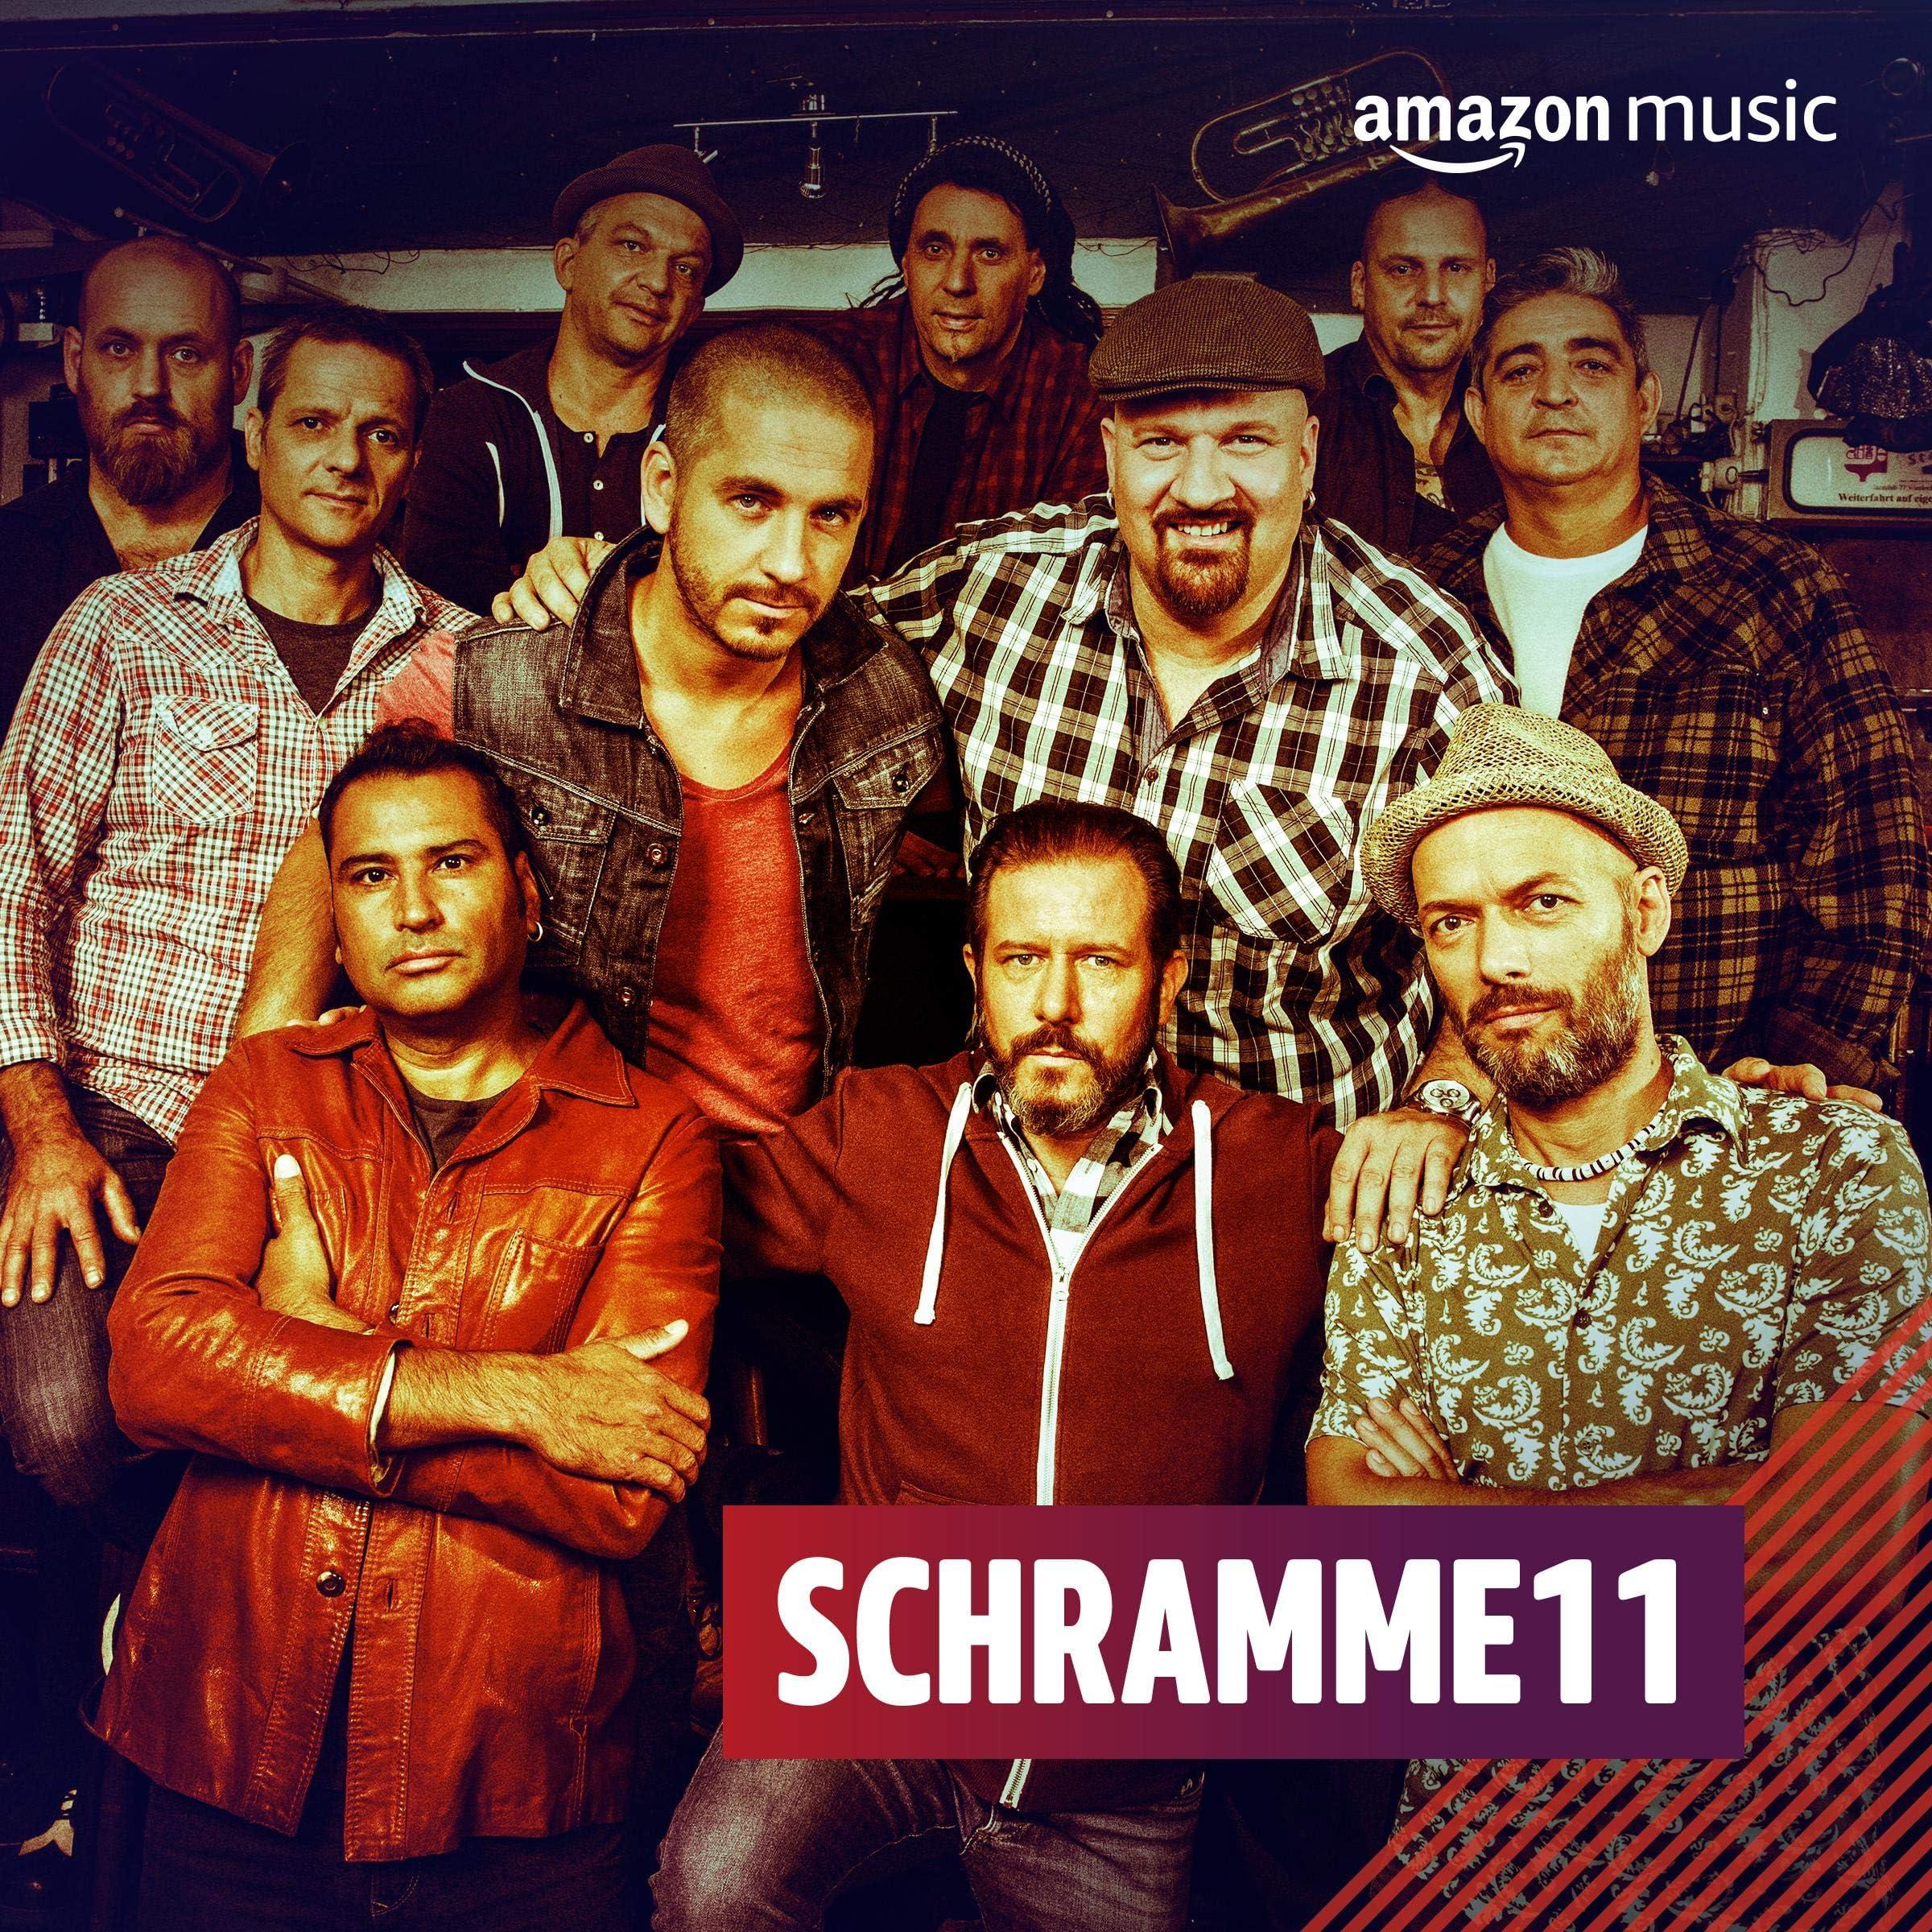 Schramme11